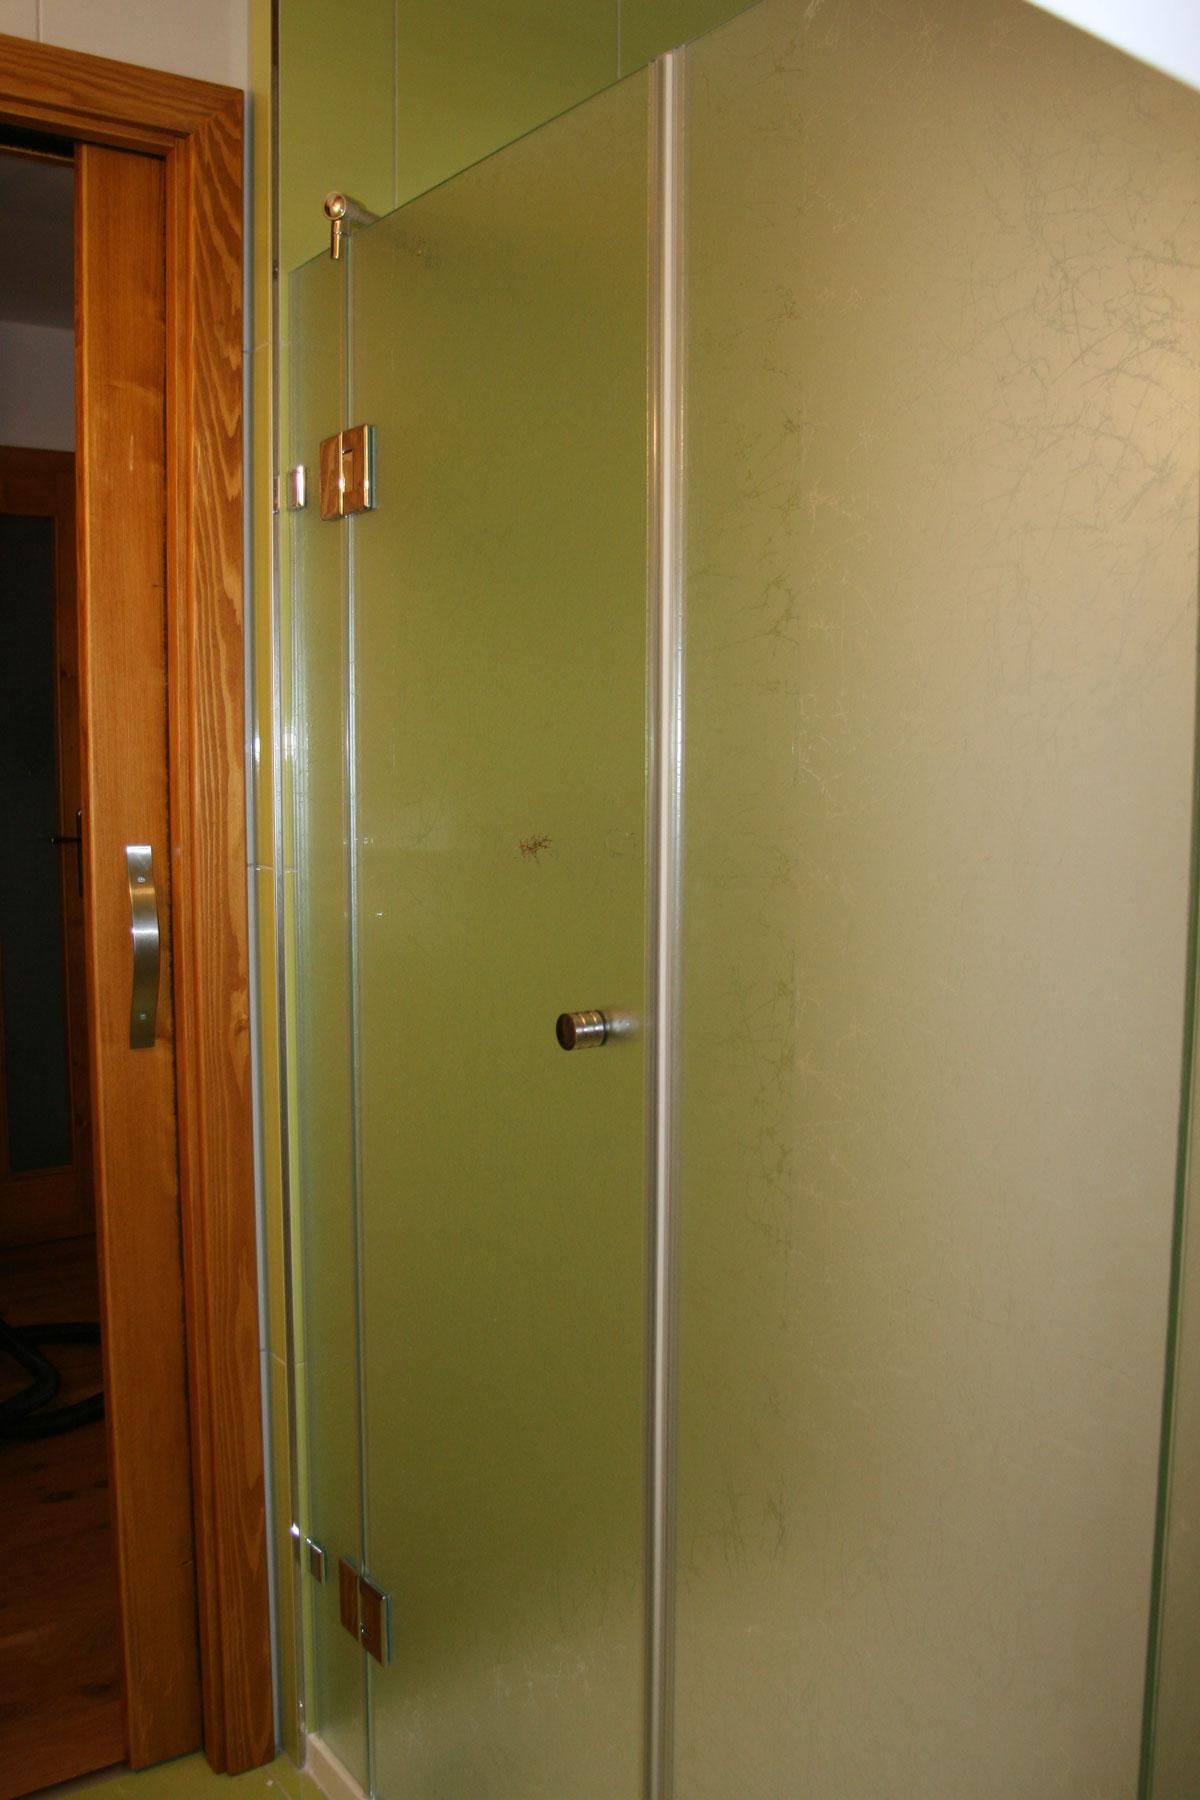 Sklenarstvi-Prerost-sprchove- kouty-a-sprchy (53)